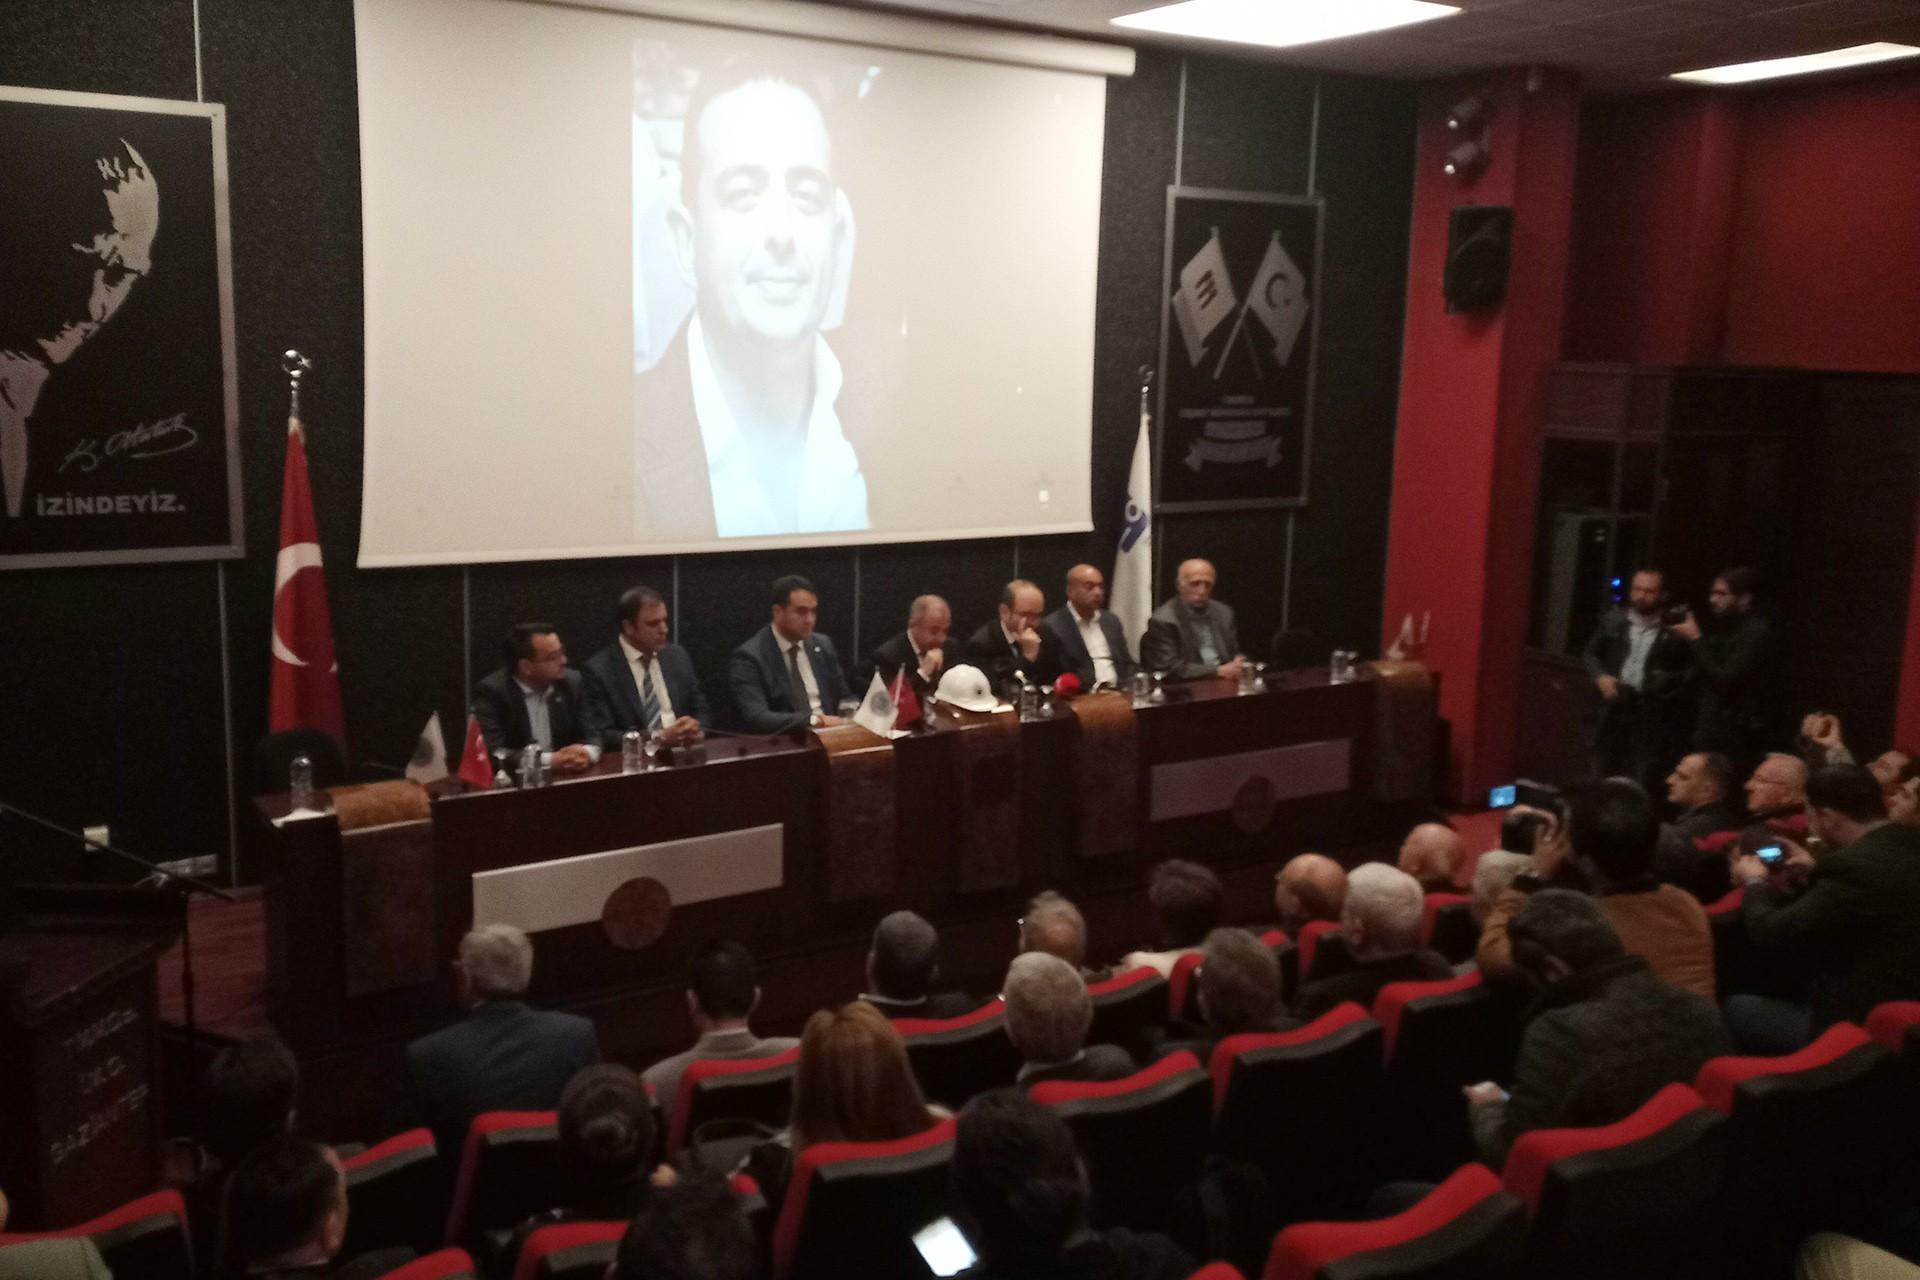 İnşaat Mühendisleri Odası Gaziantep Şubesi'nde oda yöneticileri açıklama yapıyor